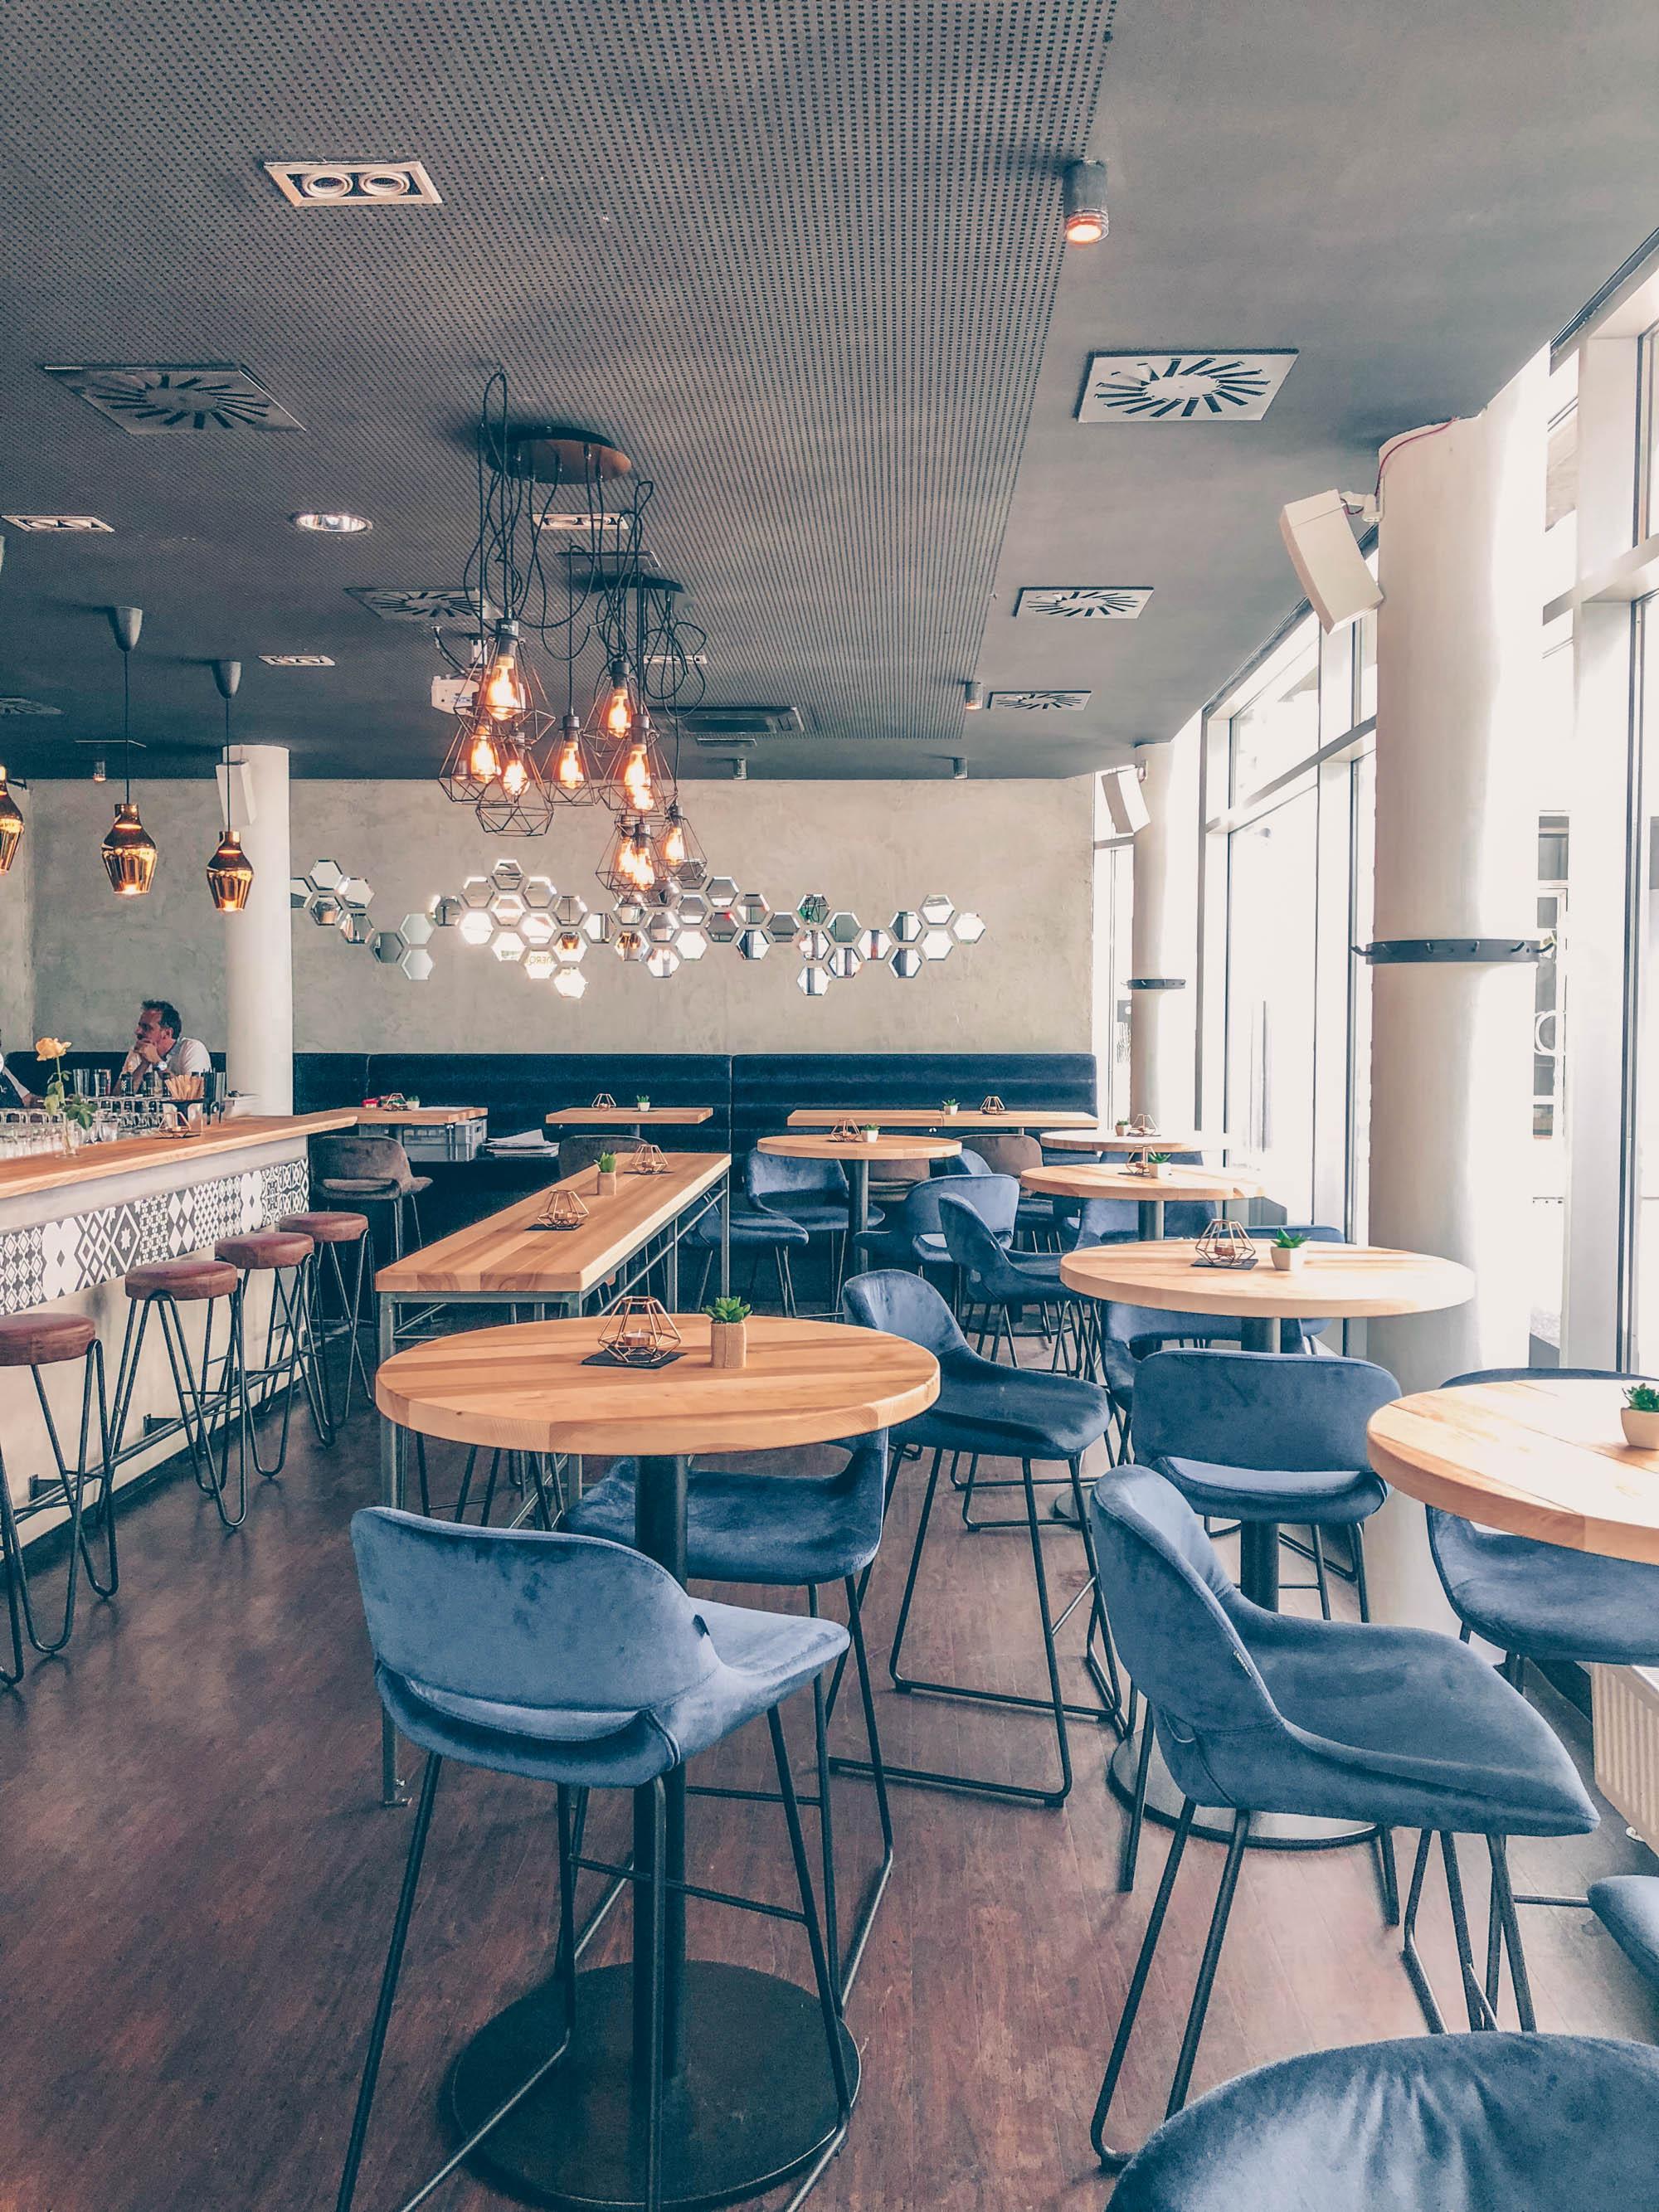 Linz: 2 Raum Restaurant | Bar | Café auf dme österreichsichen Lifestyle Blog Bits and Bobs by Eva. Mehr Lokale und Food Spots auf www.bitsandbobsbyeva.com